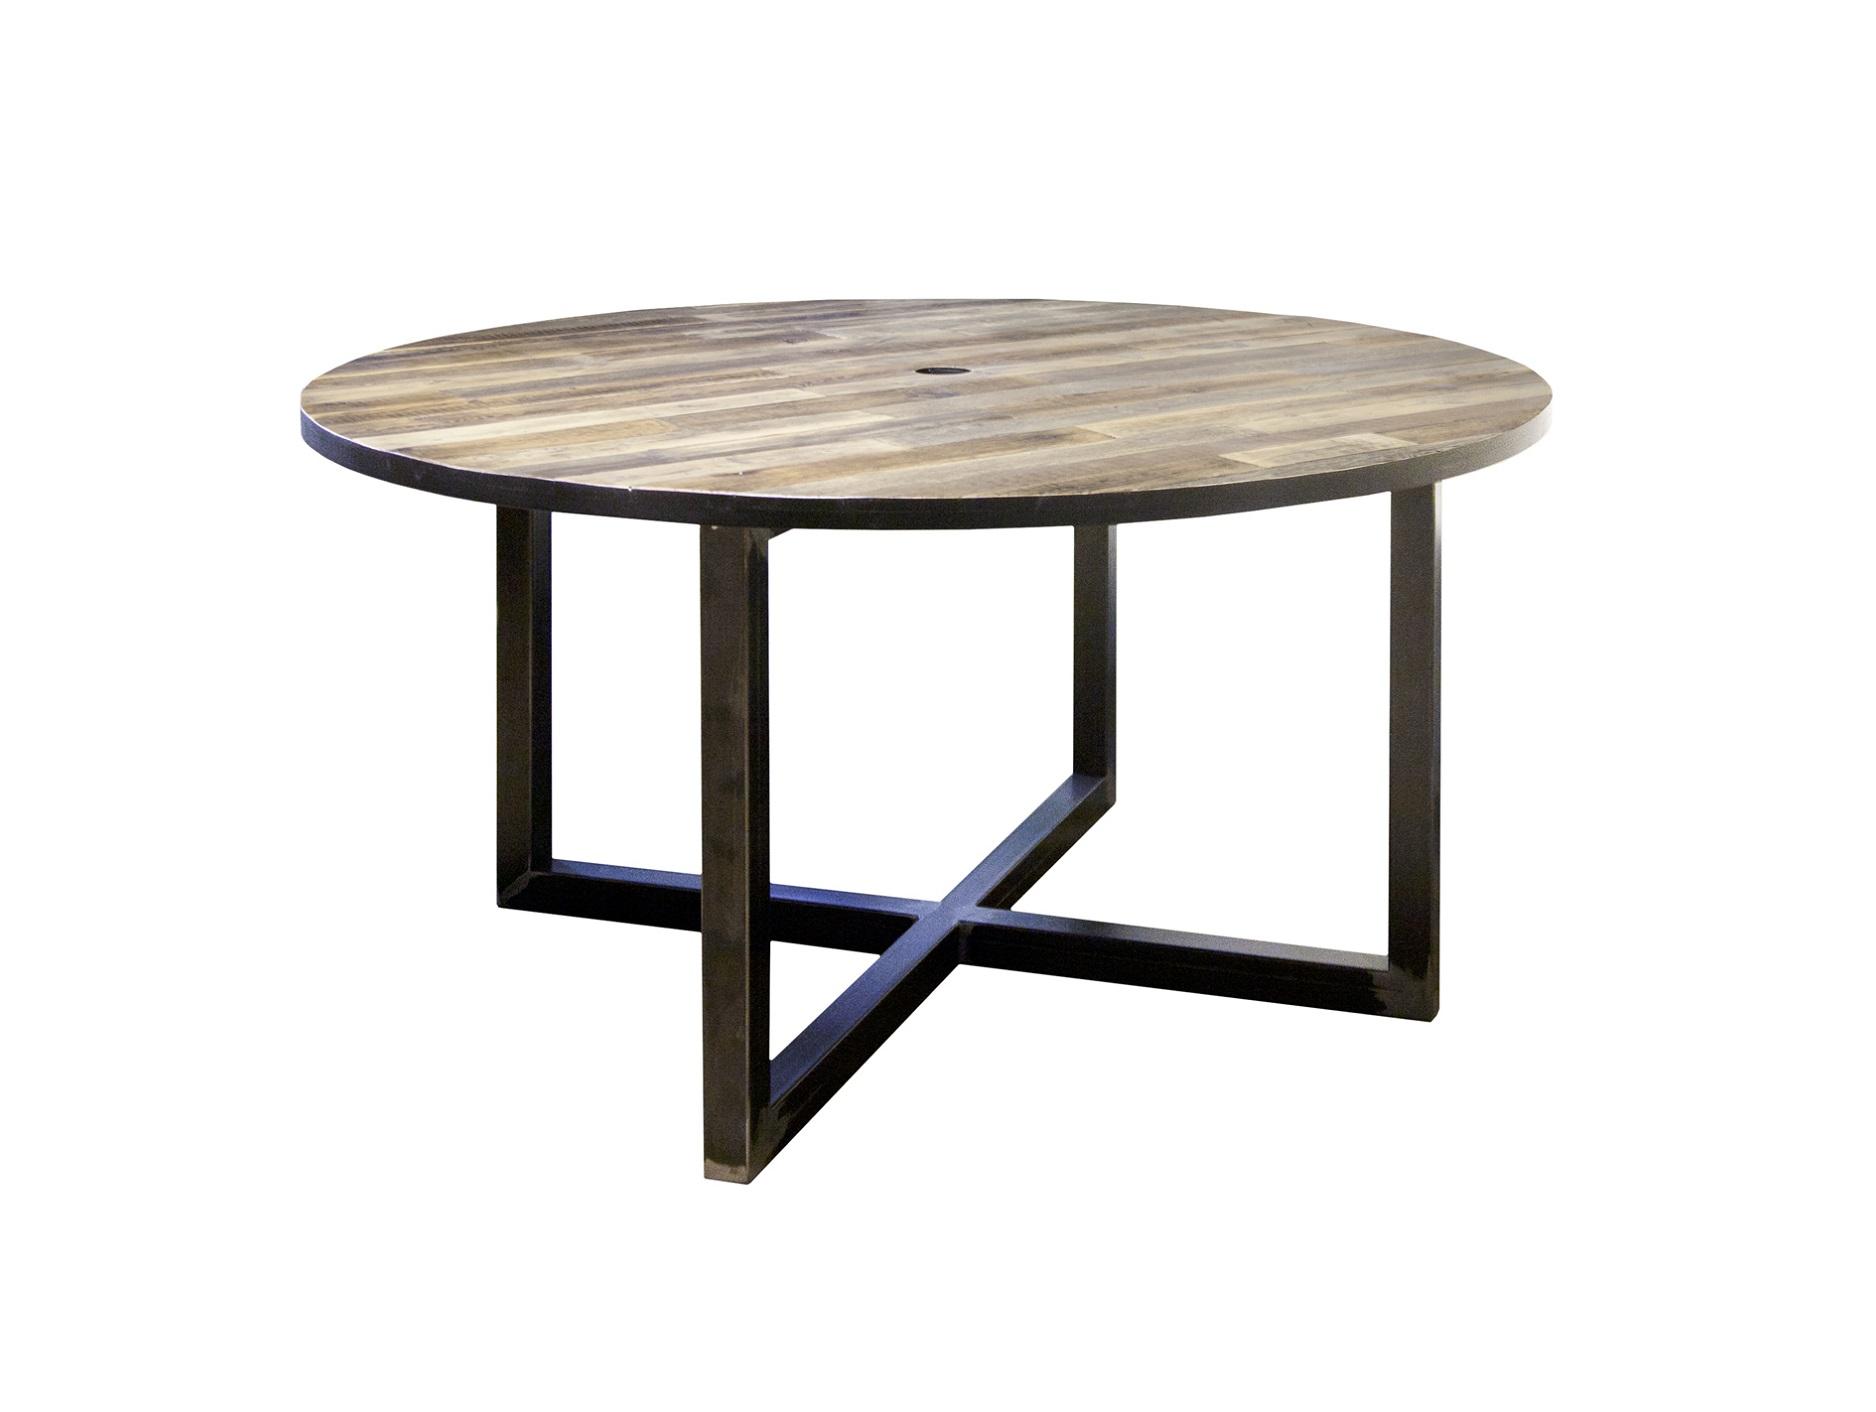 Стол Old round megacrossОбеденные столы<br>&amp;lt;div&amp;gt;Стол&amp;amp;nbsp;&amp;quot;Old Round Megacross&amp;quot; органично впишется в минималистичные интерьеры, где основу составляет свободное пространство. Круглая столешница изготовлена из березы и имитирует паркетную доску. Нижнее основание из стали выполнено в виде массивных скобок. Отлично подойдет для кухни или столовой в стиле лофт.&amp;amp;nbsp;&amp;lt;/div&amp;gt;&amp;lt;div&amp;gt;&amp;lt;br&amp;gt;&amp;lt;/div&amp;gt;&amp;lt;div&amp;gt;Материал: старая доска, березовая фанера, сталь&amp;lt;/div&amp;gt;&amp;lt;div&amp;gt;Особенности: на основание крепится мебельный войлок или колеса&amp;lt;/div&amp;gt;&amp;lt;div&amp;gt;Возможно изготовление в других размерах и отделке. Подробности уточняйте у менеджера.&amp;lt;br&amp;gt;&amp;lt;/div&amp;gt;<br><br>Material: Береза<br>Высота см: 75